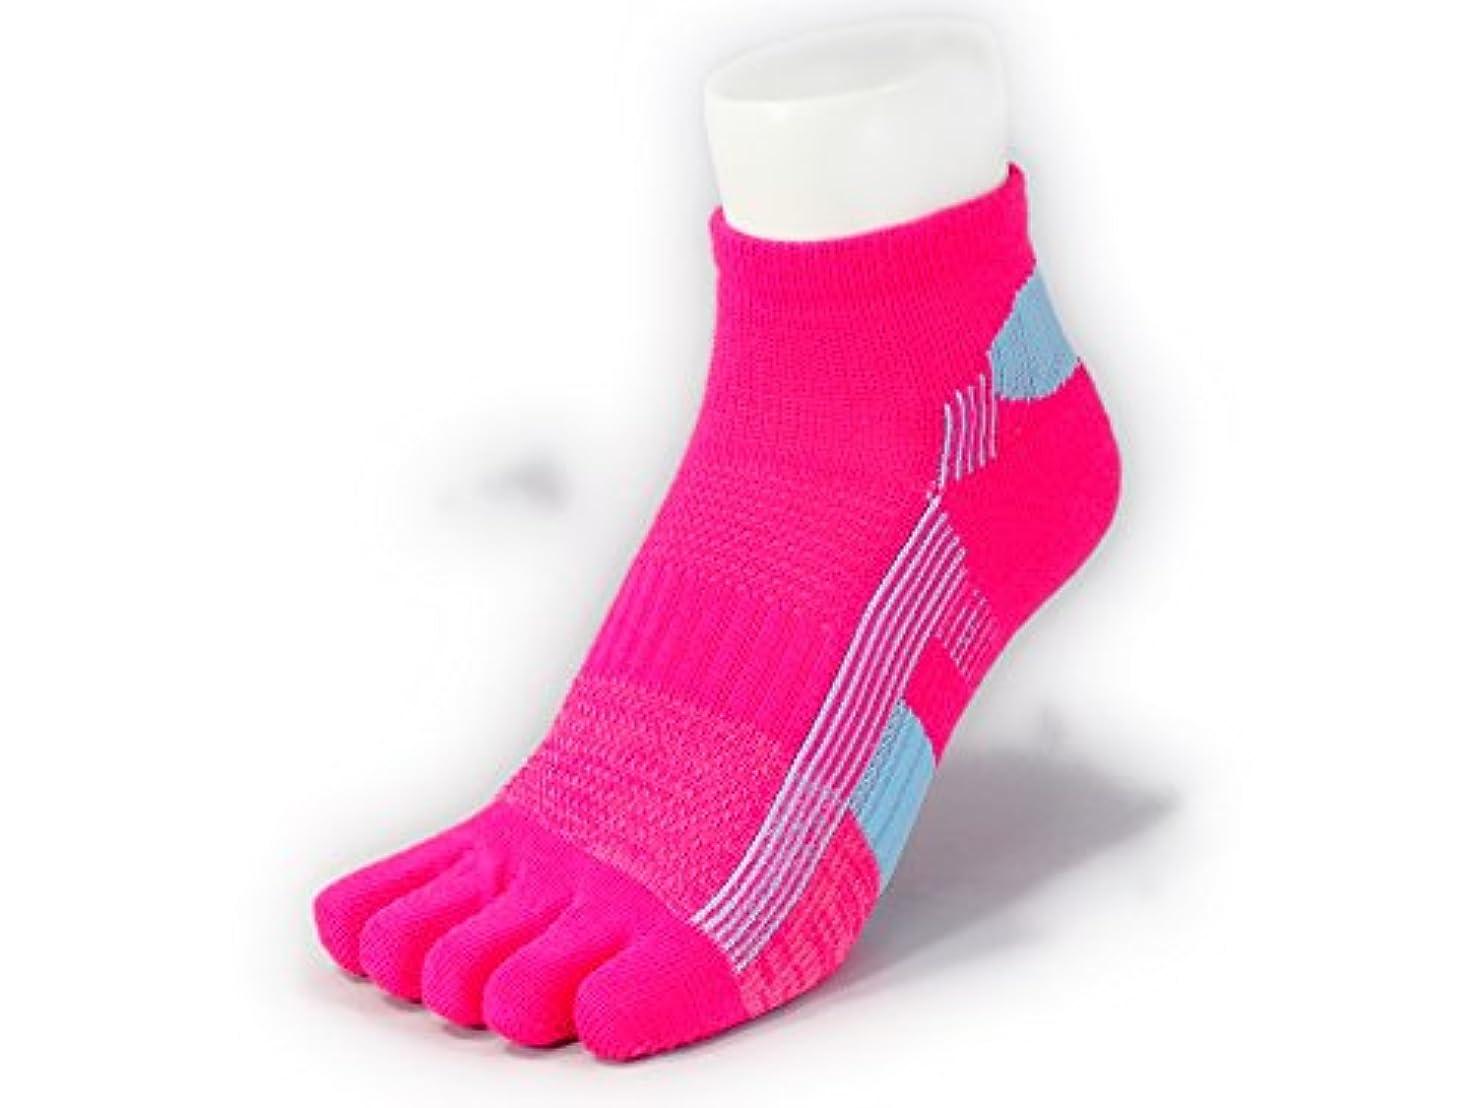 湿度ガイダンス確率エコノレッグバリエ 5本指ソックス+パイル編みクッション付 (22~25㎝?ピンク)テーピング ソックス スポーツに 【エコノレッグ】【レディース 靴下】 (ピンク)